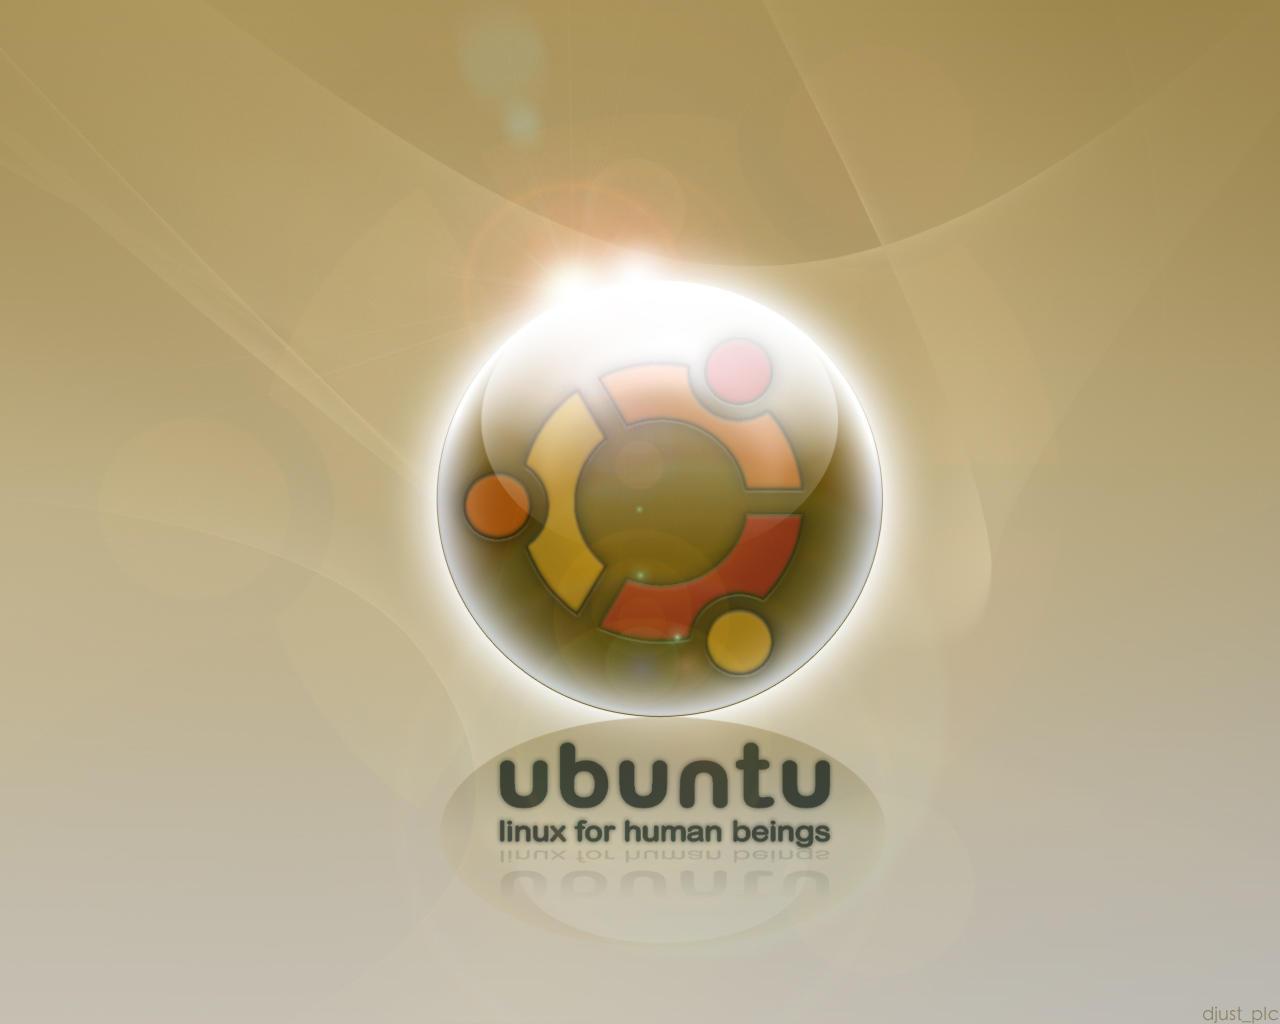 Ubuntu by djust